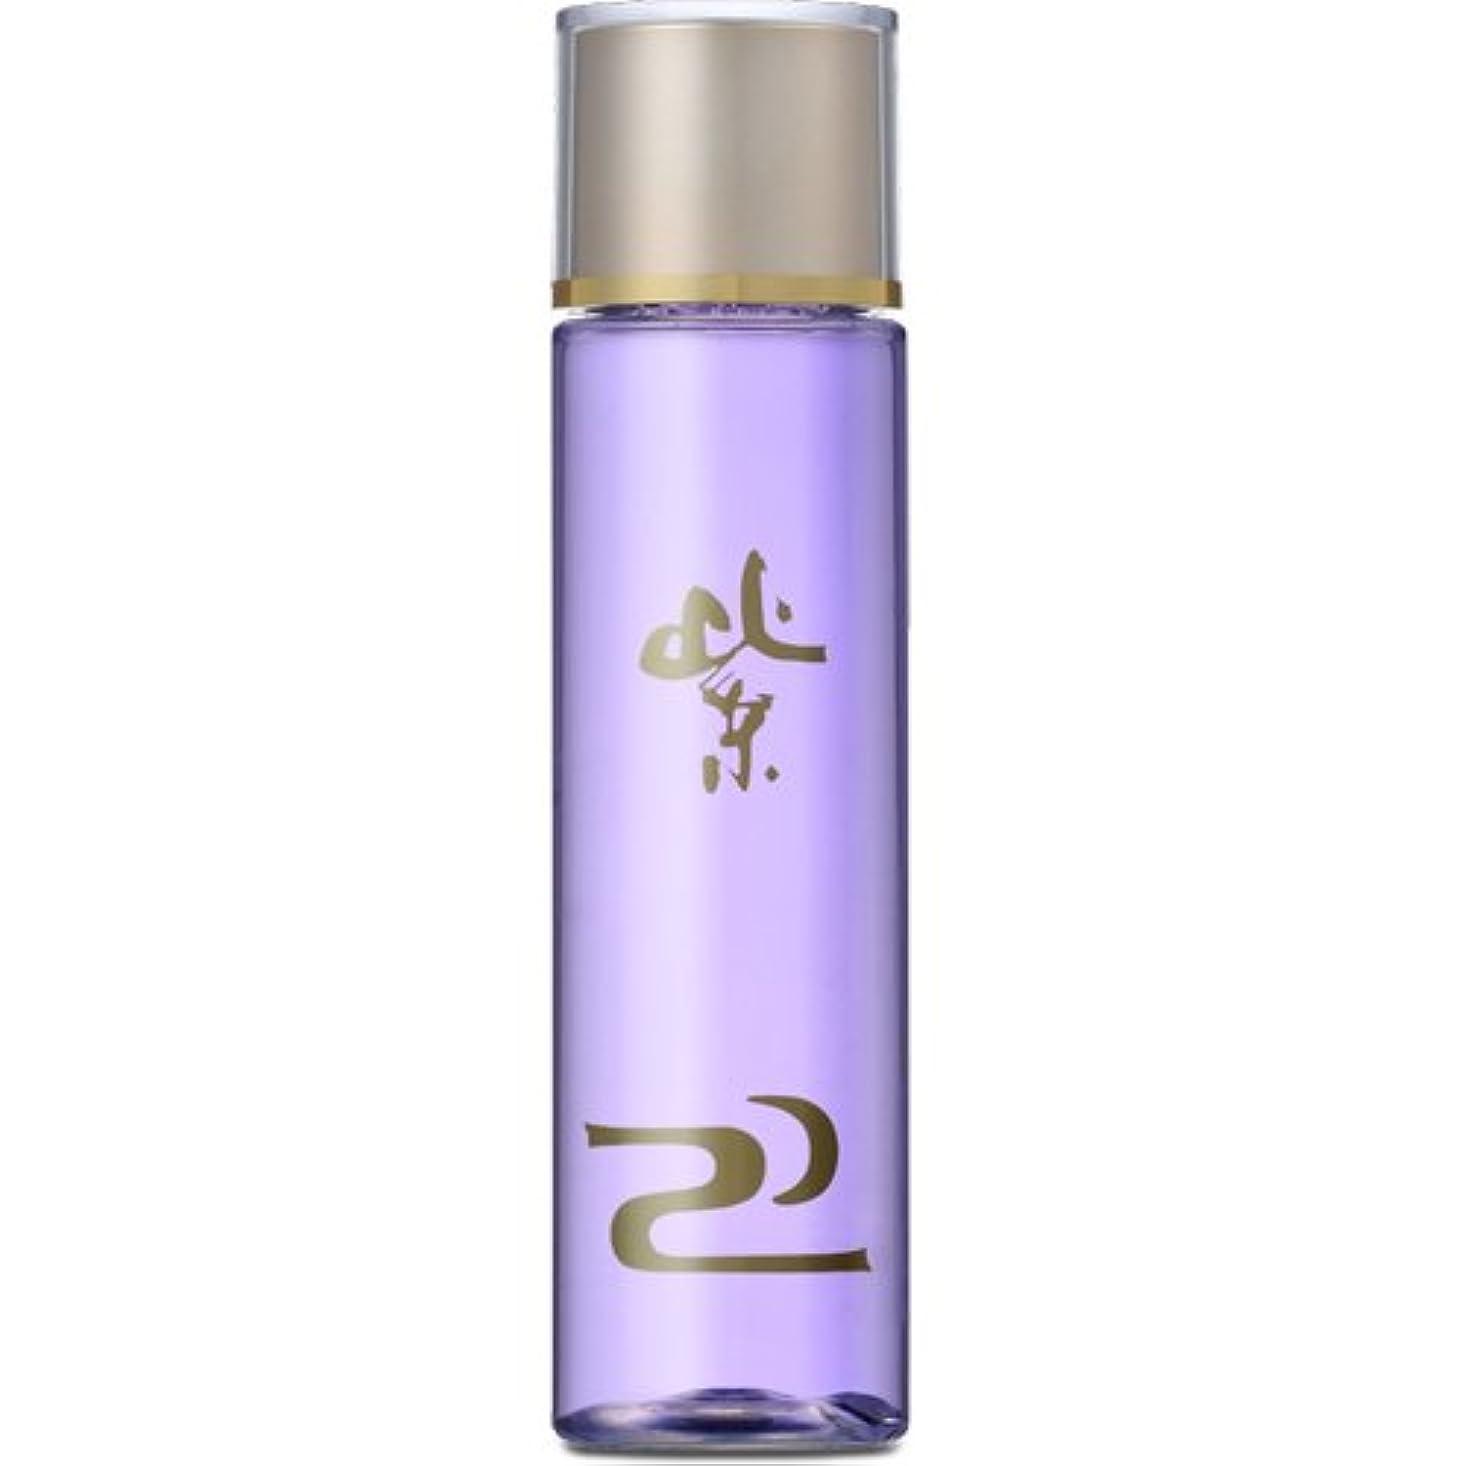 戦う傾向サイバースペースホワイトリリー WL紫 120mL 化粧水